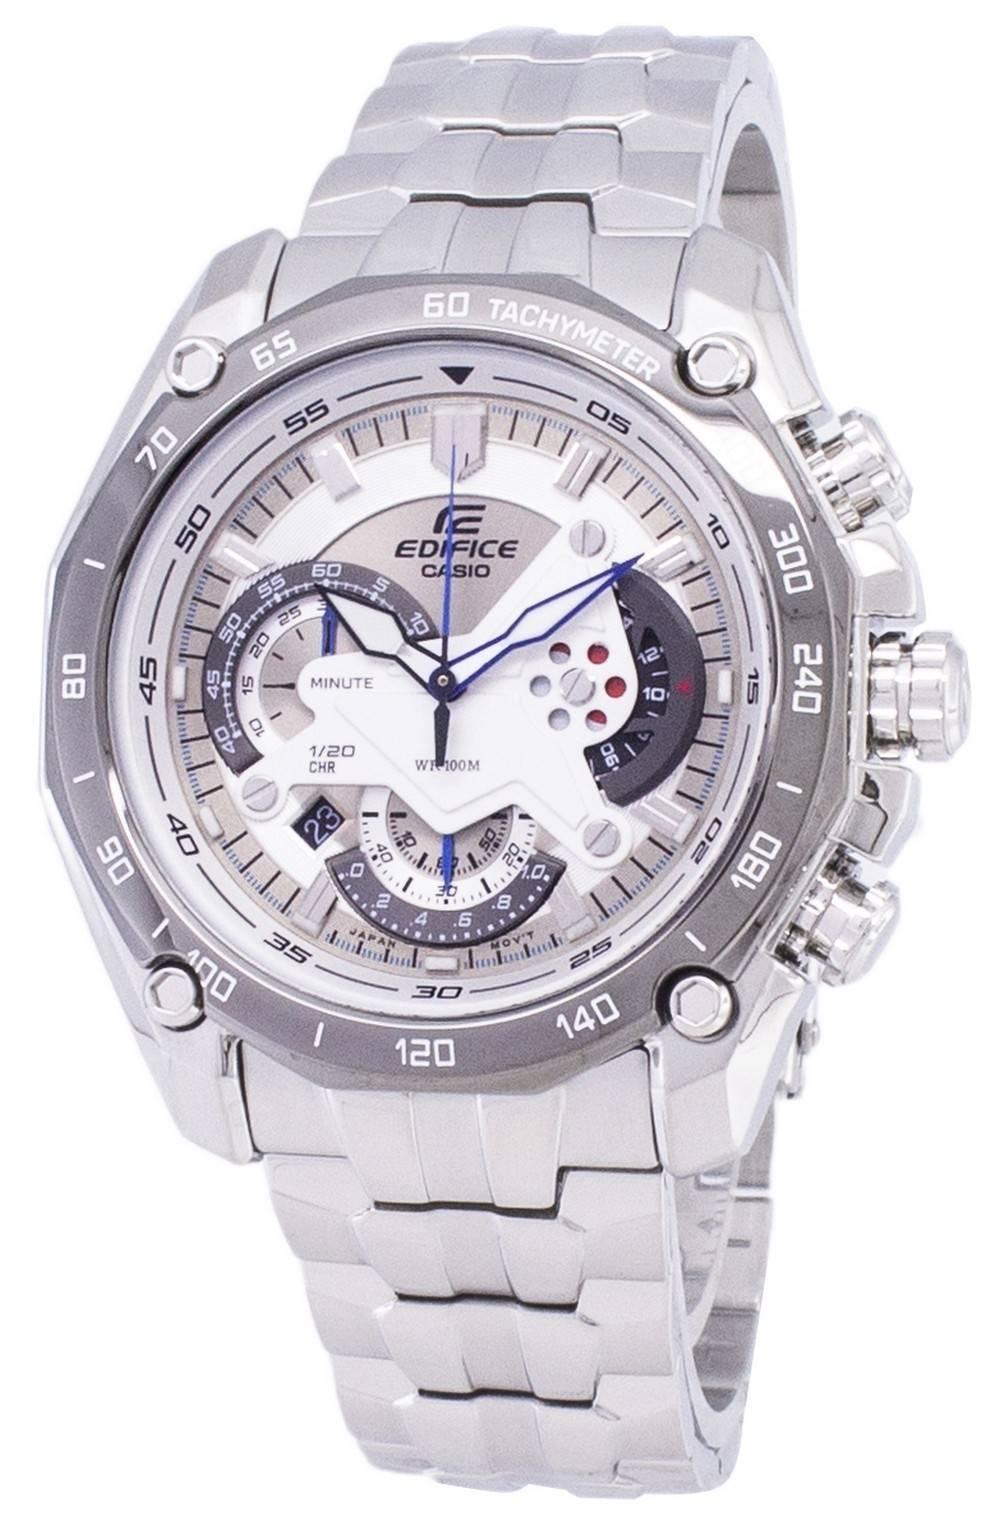 484d464f56cf Reloj Casio Edifice Cronógrafo Taquimétrico Cuarzo EF-550D-7AV EF550D-7AV  para hombre